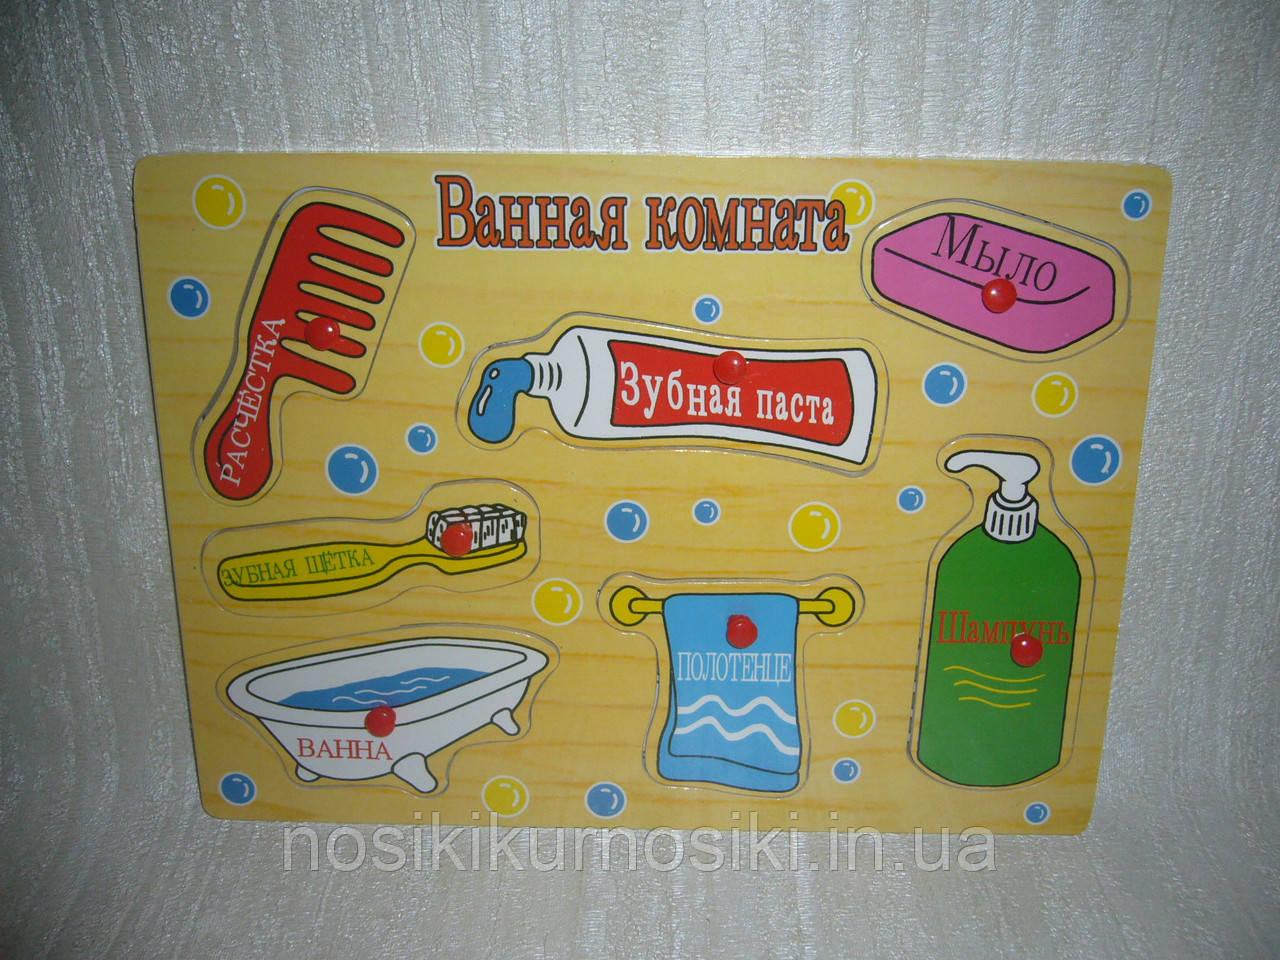 Деревянные игрушки рамка вкладыш Ванная комната